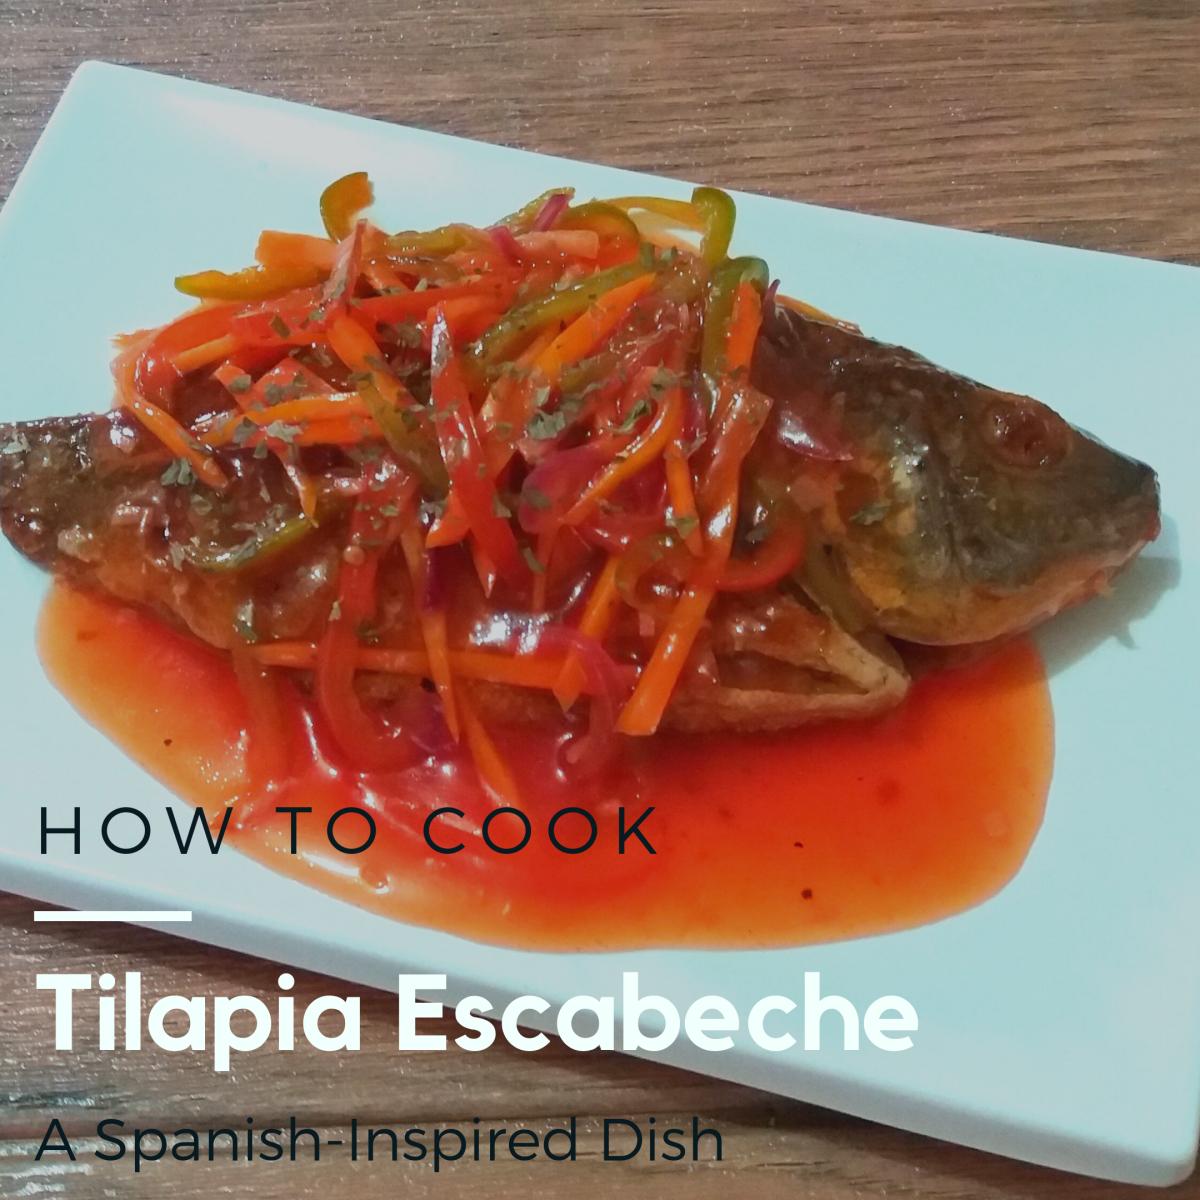 Learn how to prepare tilapia escabeche.